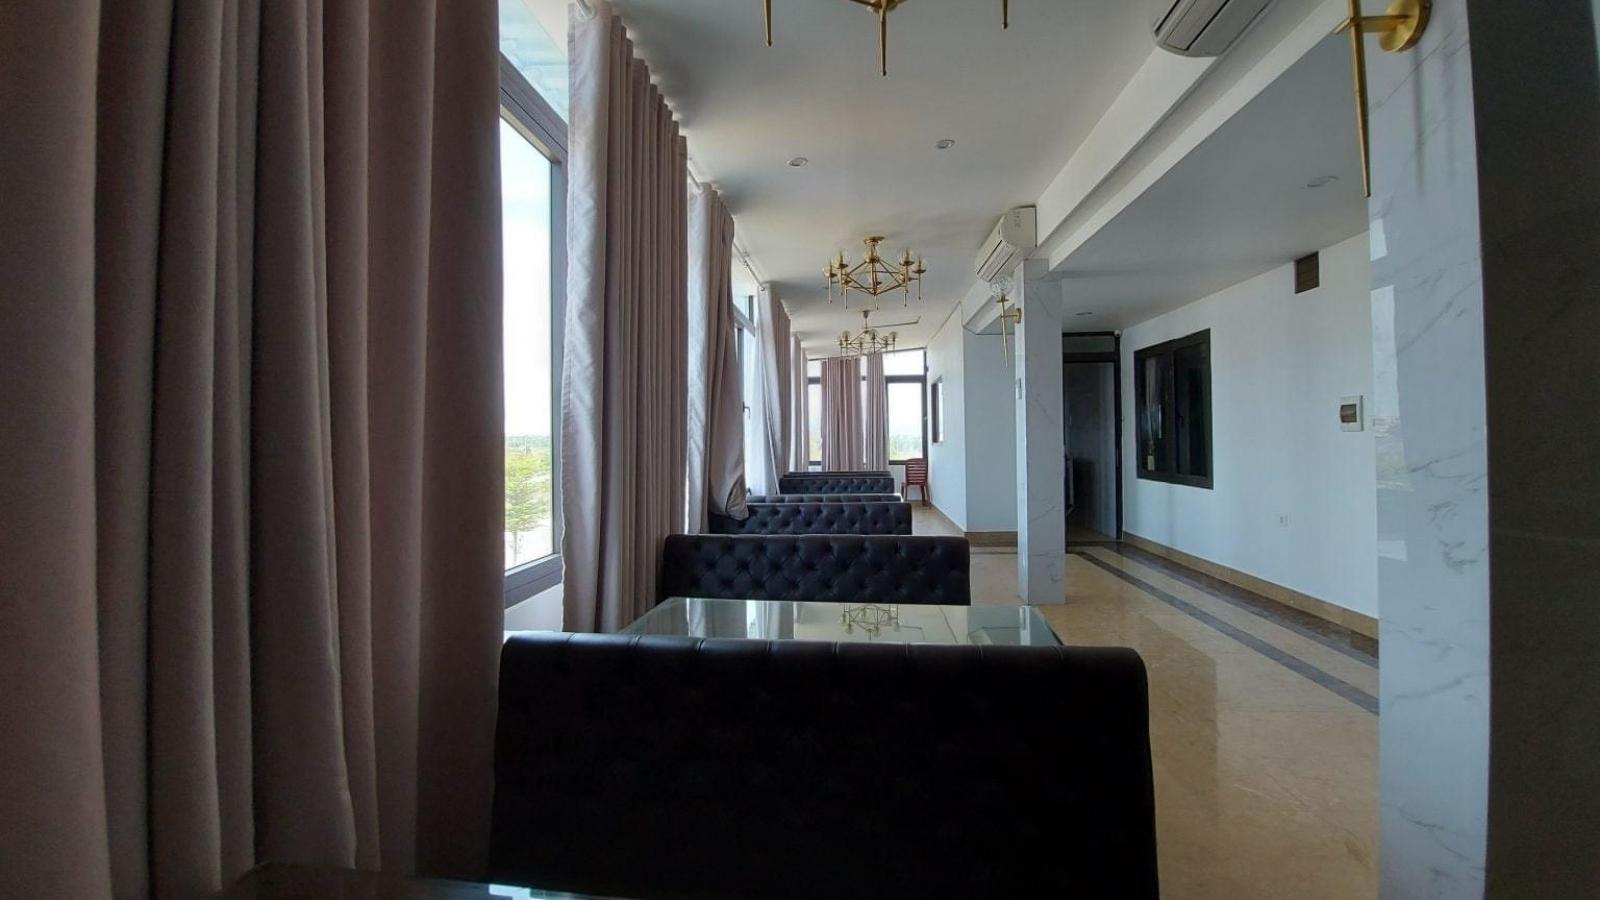 Khách sạn An Land Hotel cùng tỉnh Khánh Hòa hỗ trợ cách ly, phòng chống Covid-19